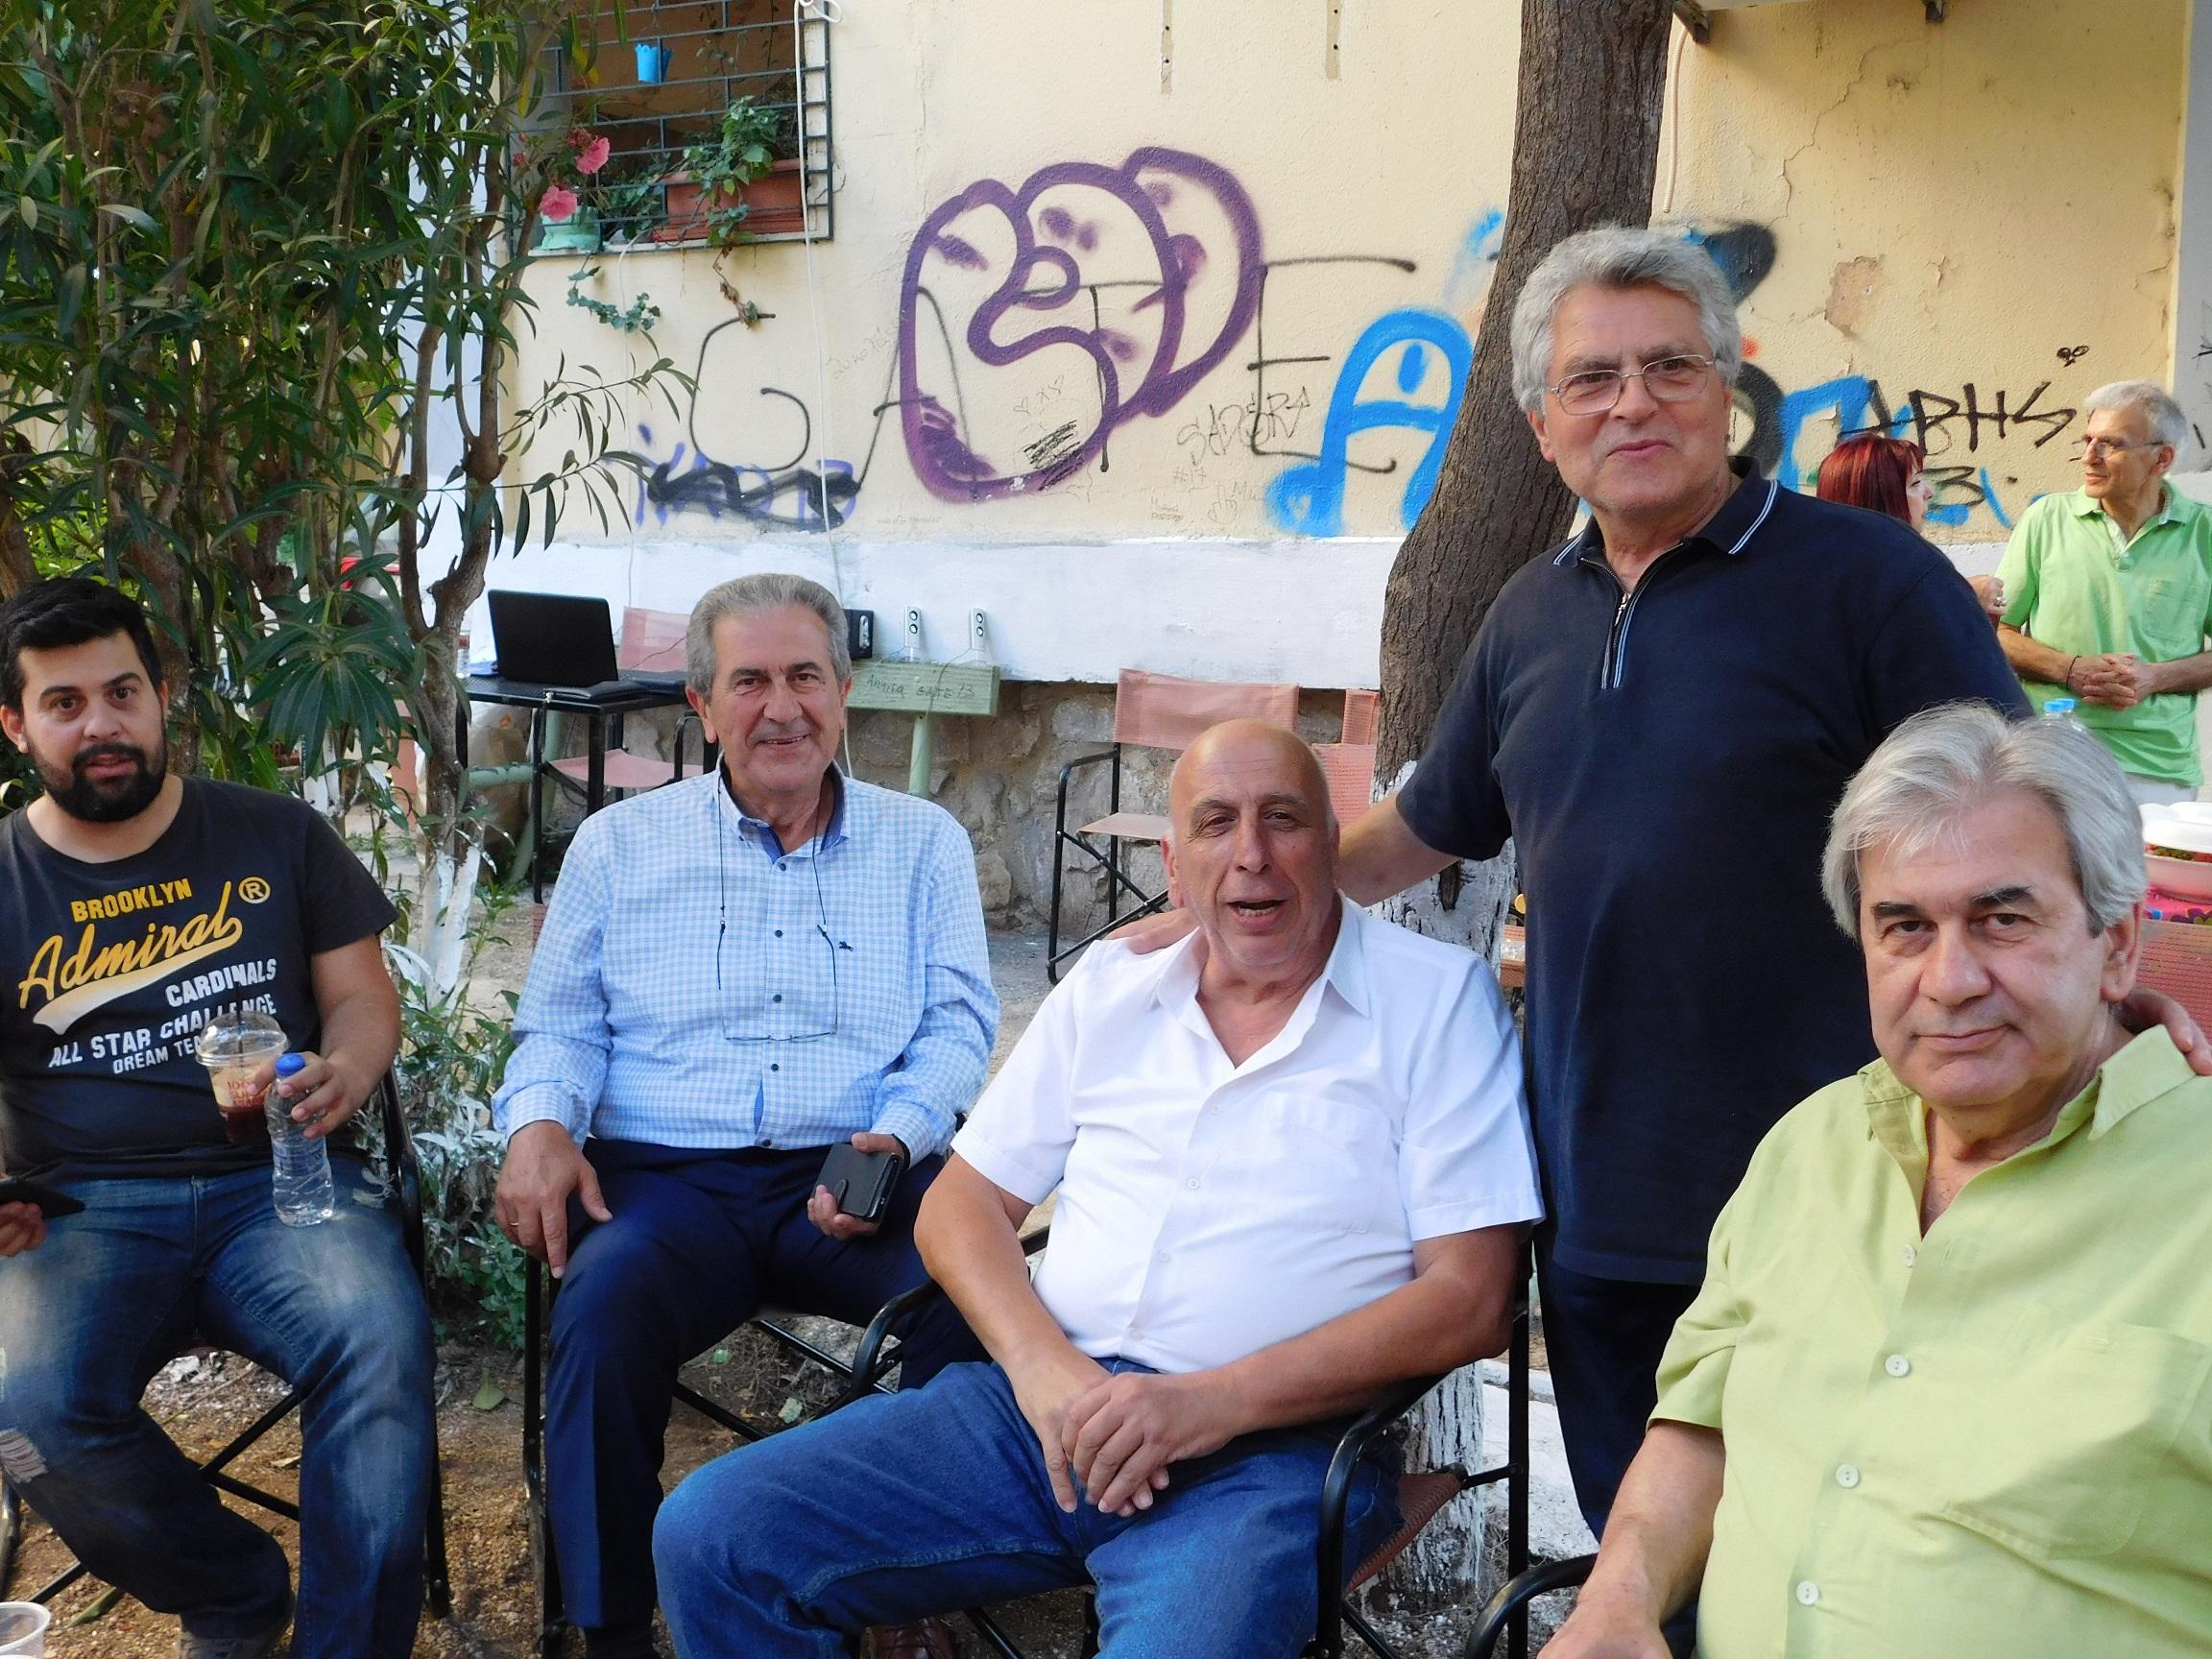 ΚΑΙΣΑΡΙΑΝΗ: Οι παλιοί φίλοι σμίγουν ξανά στην οδό Σμύρνης